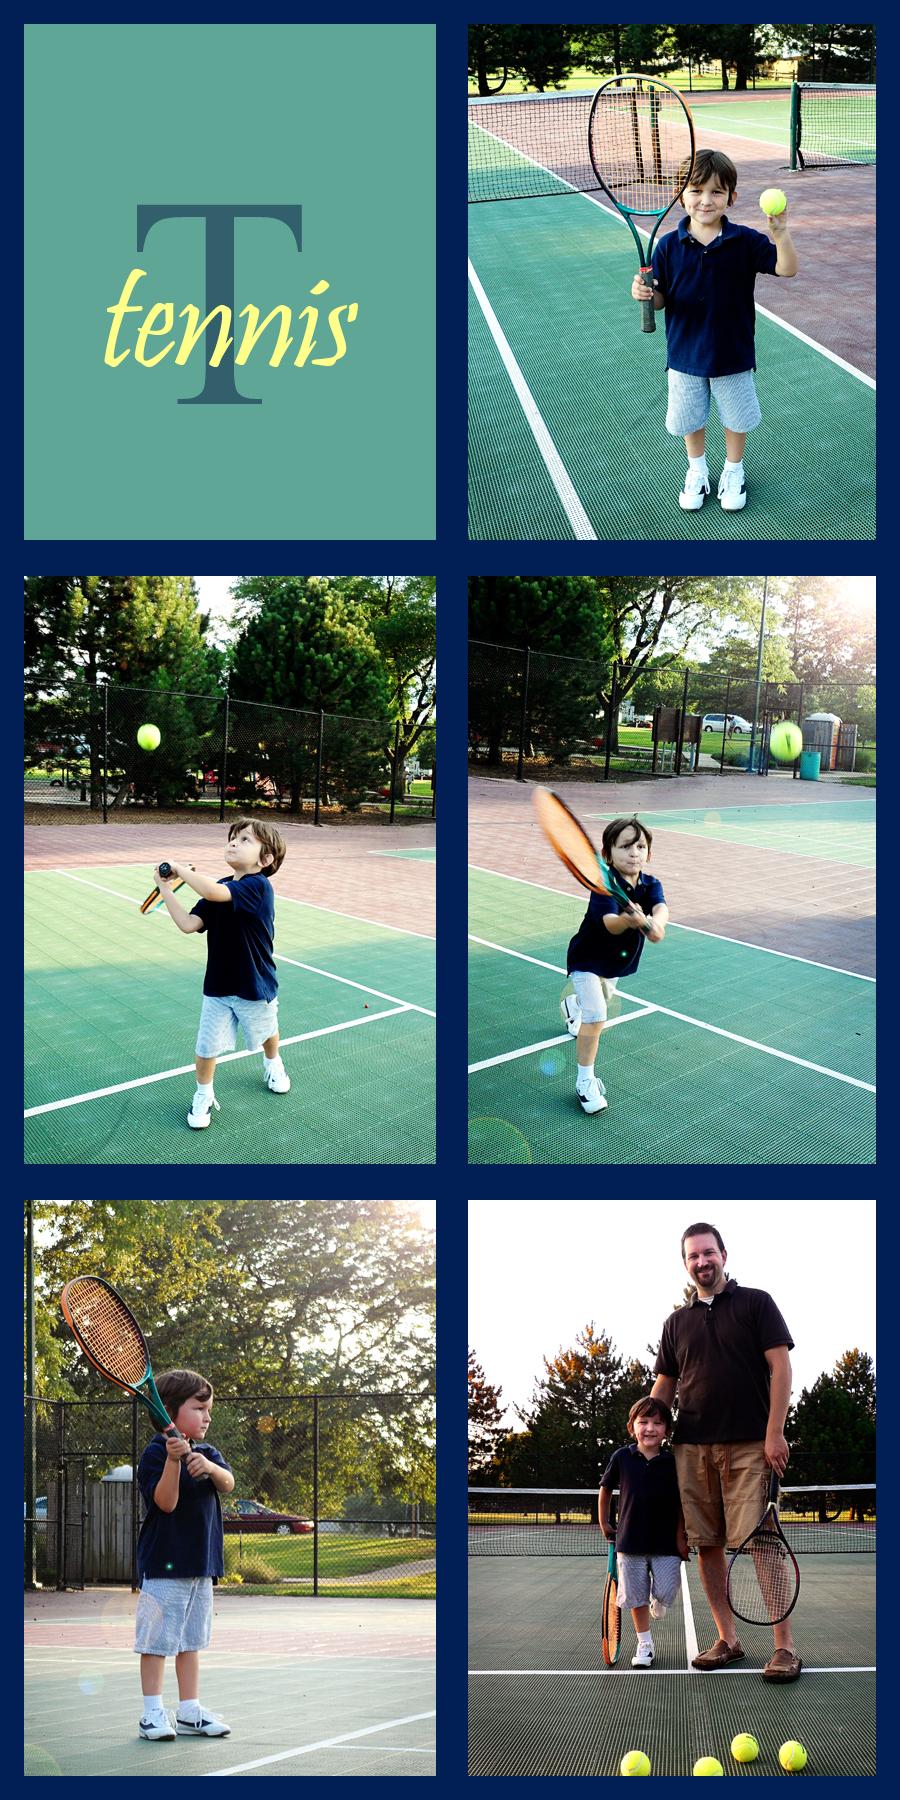 tennisblog